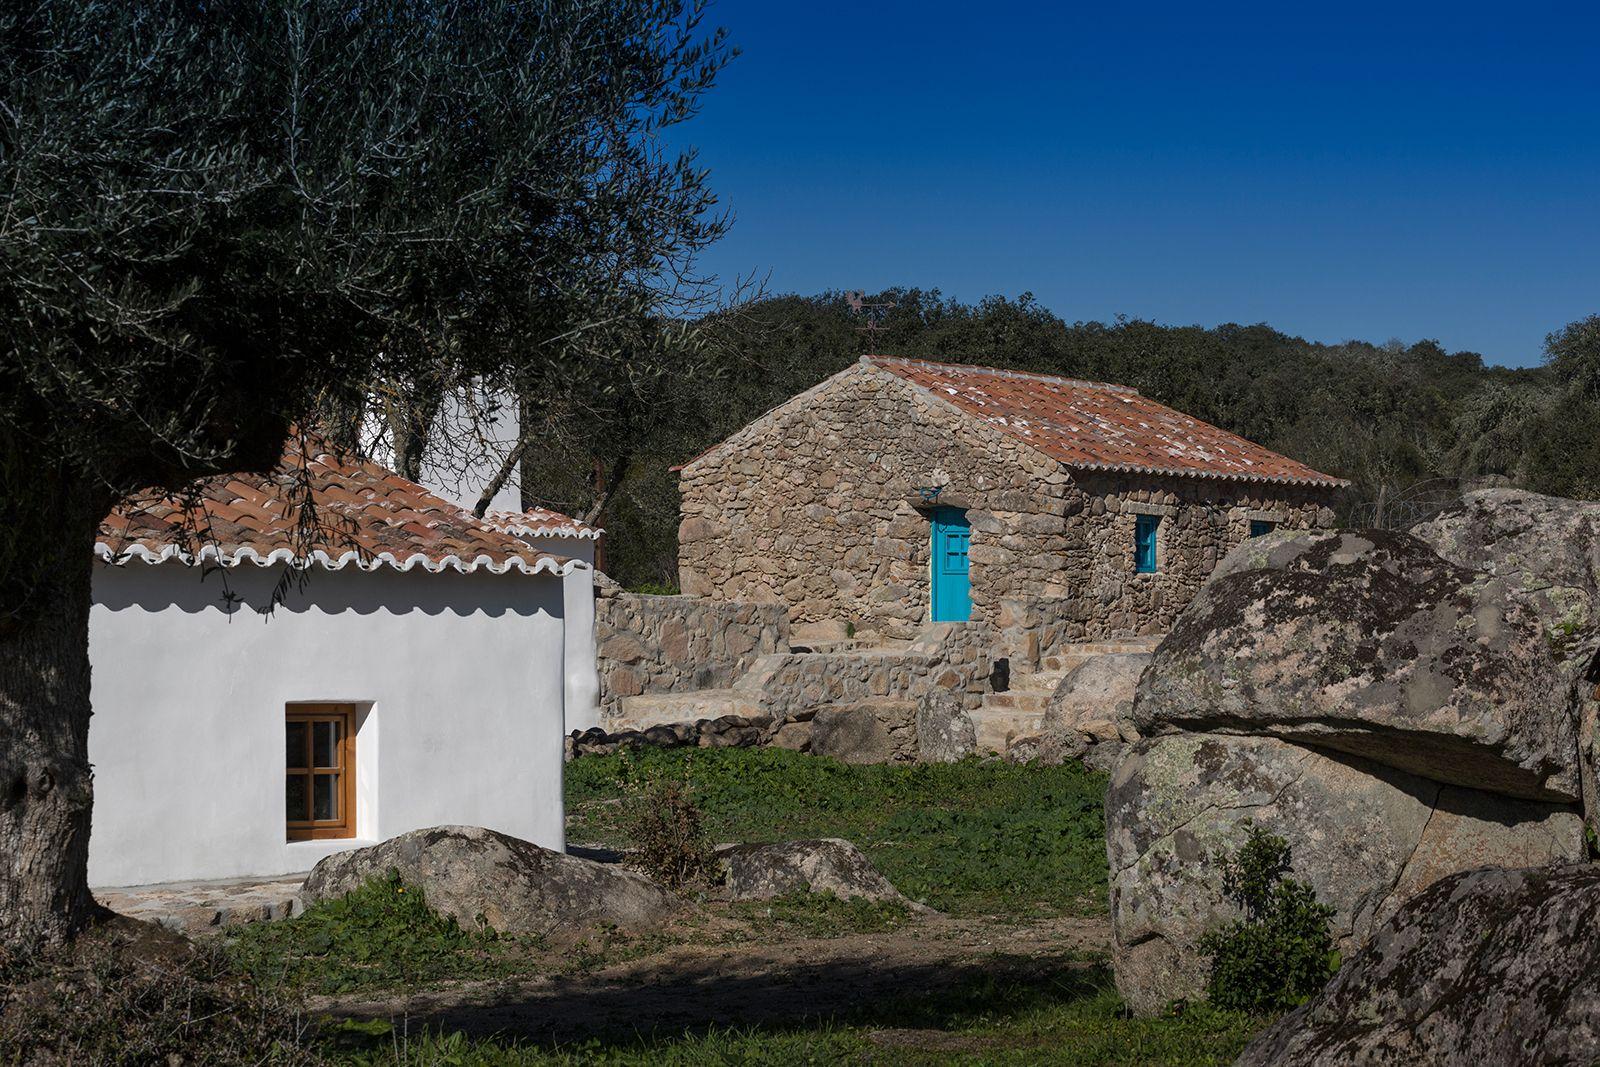 Vacation Home Rentals | Alentejo Architecture | Vacation